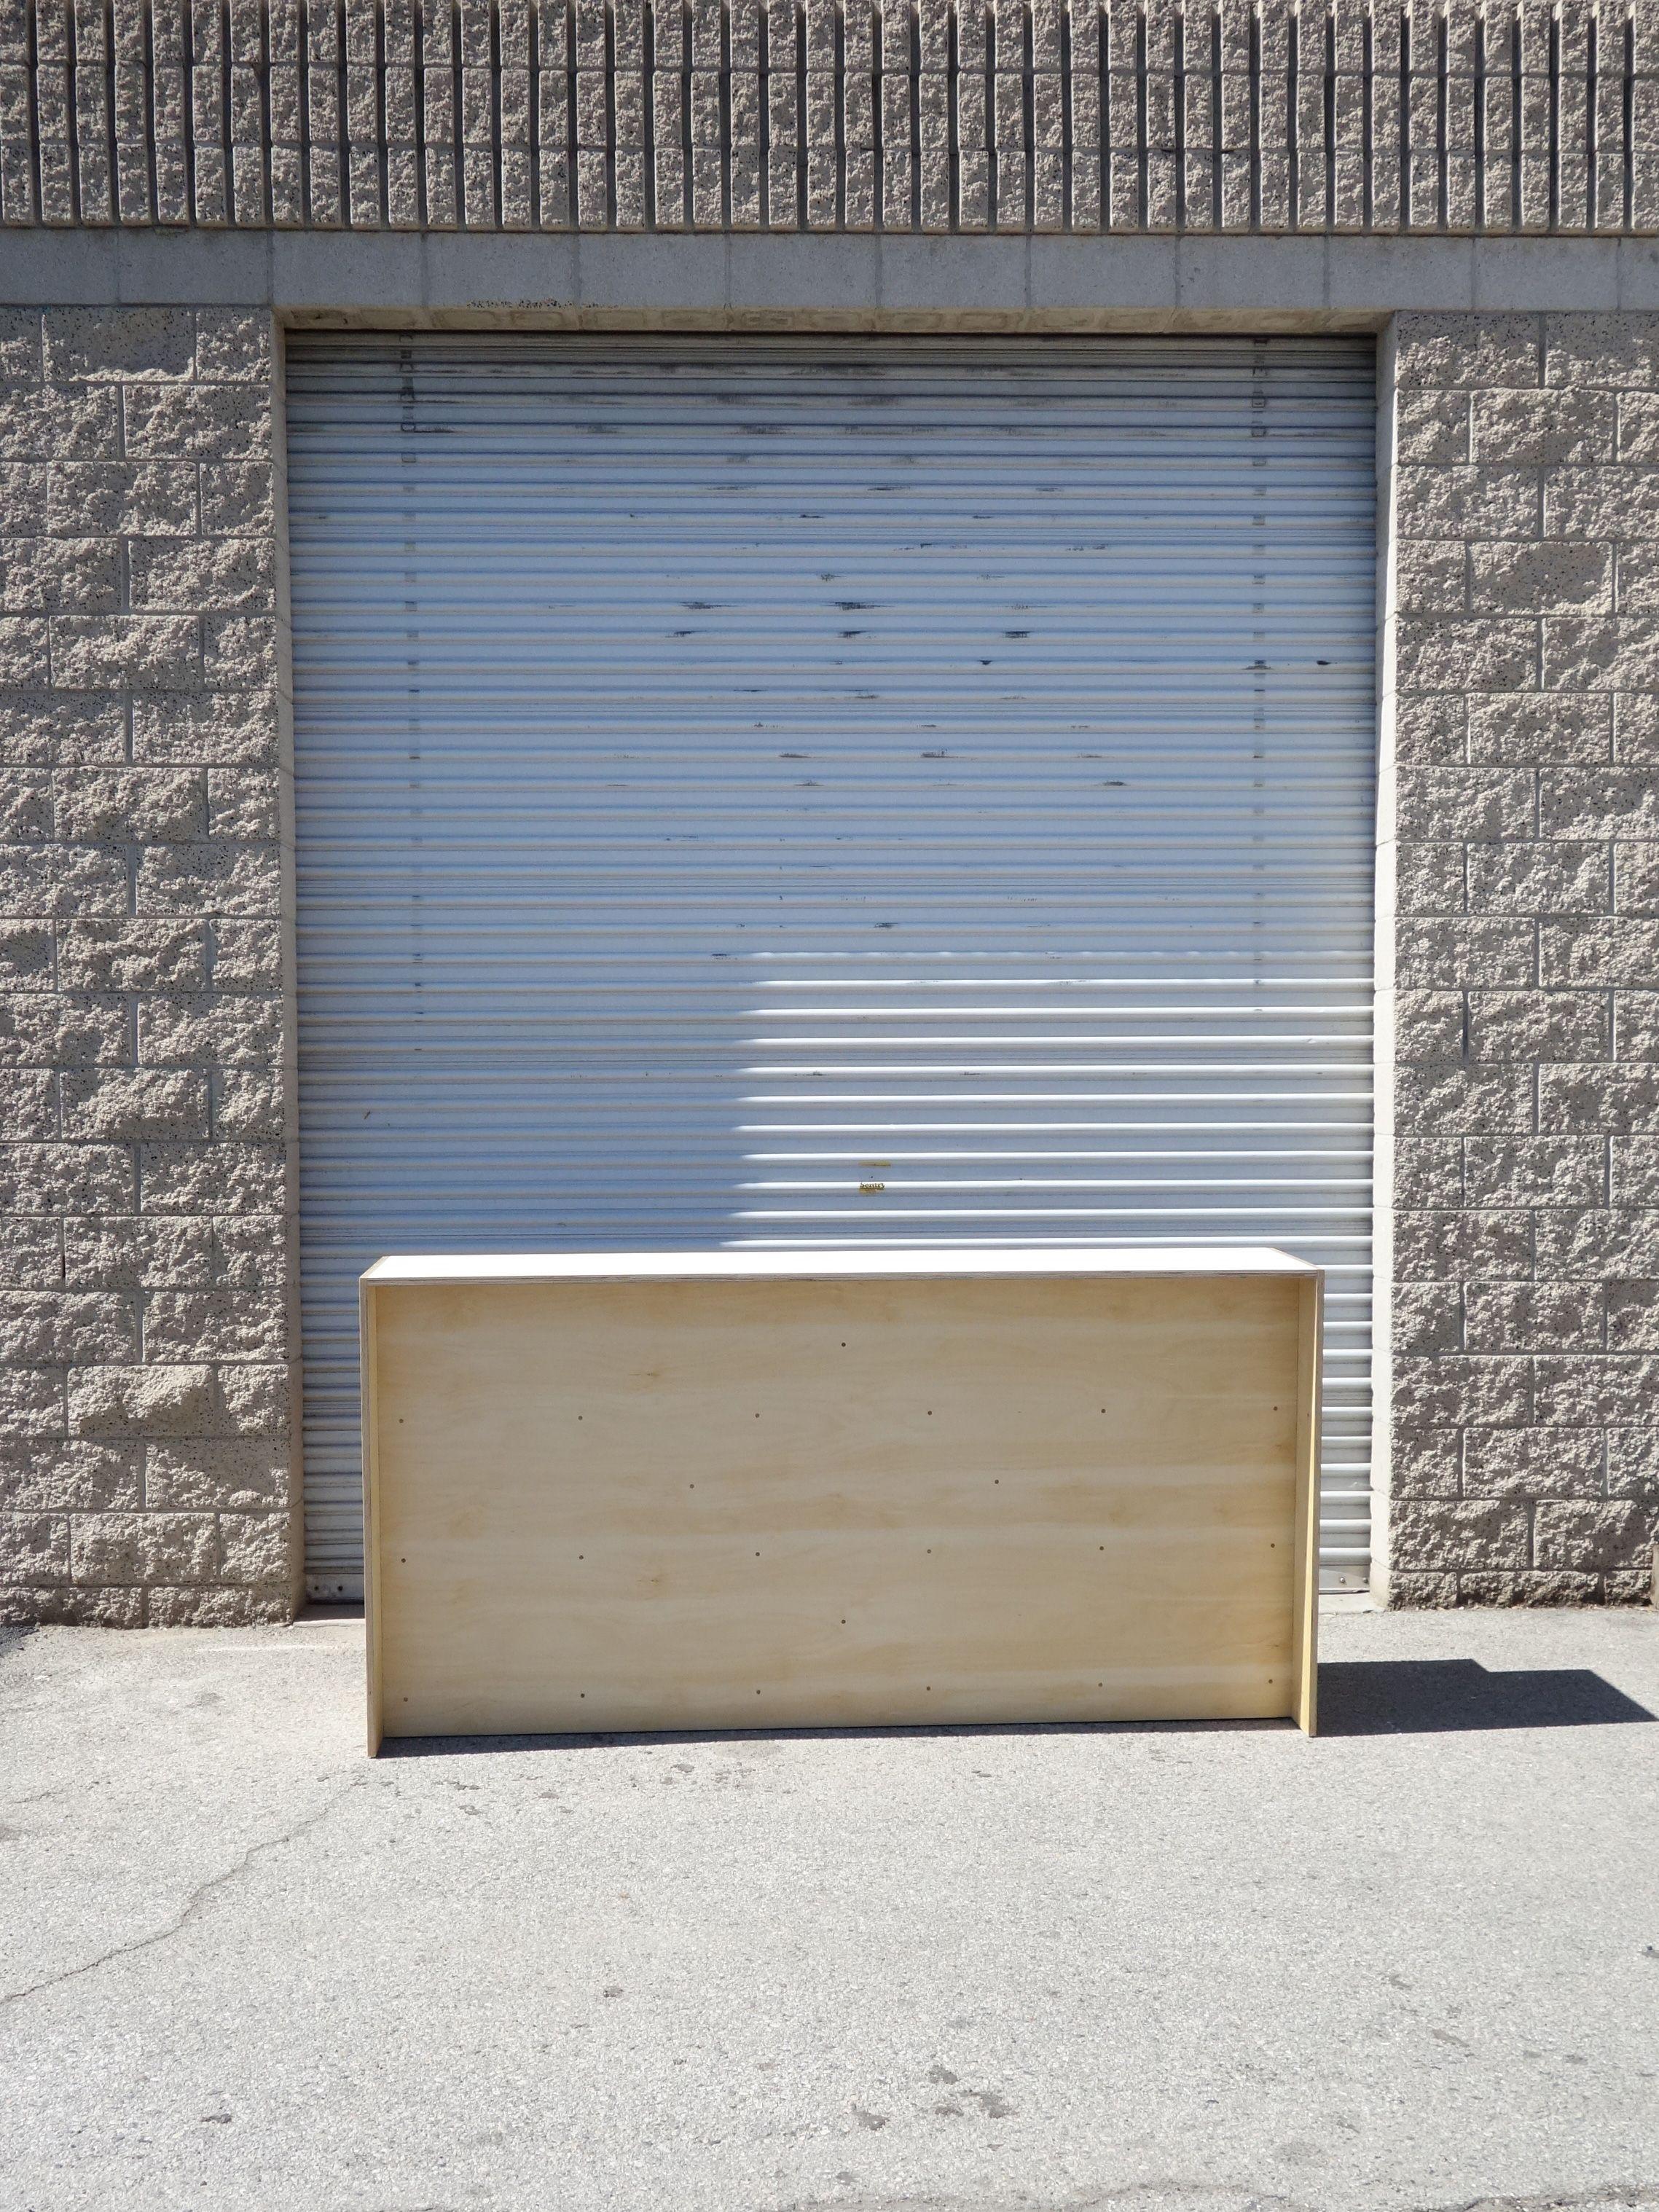 Rebag Madison, NY product image 13